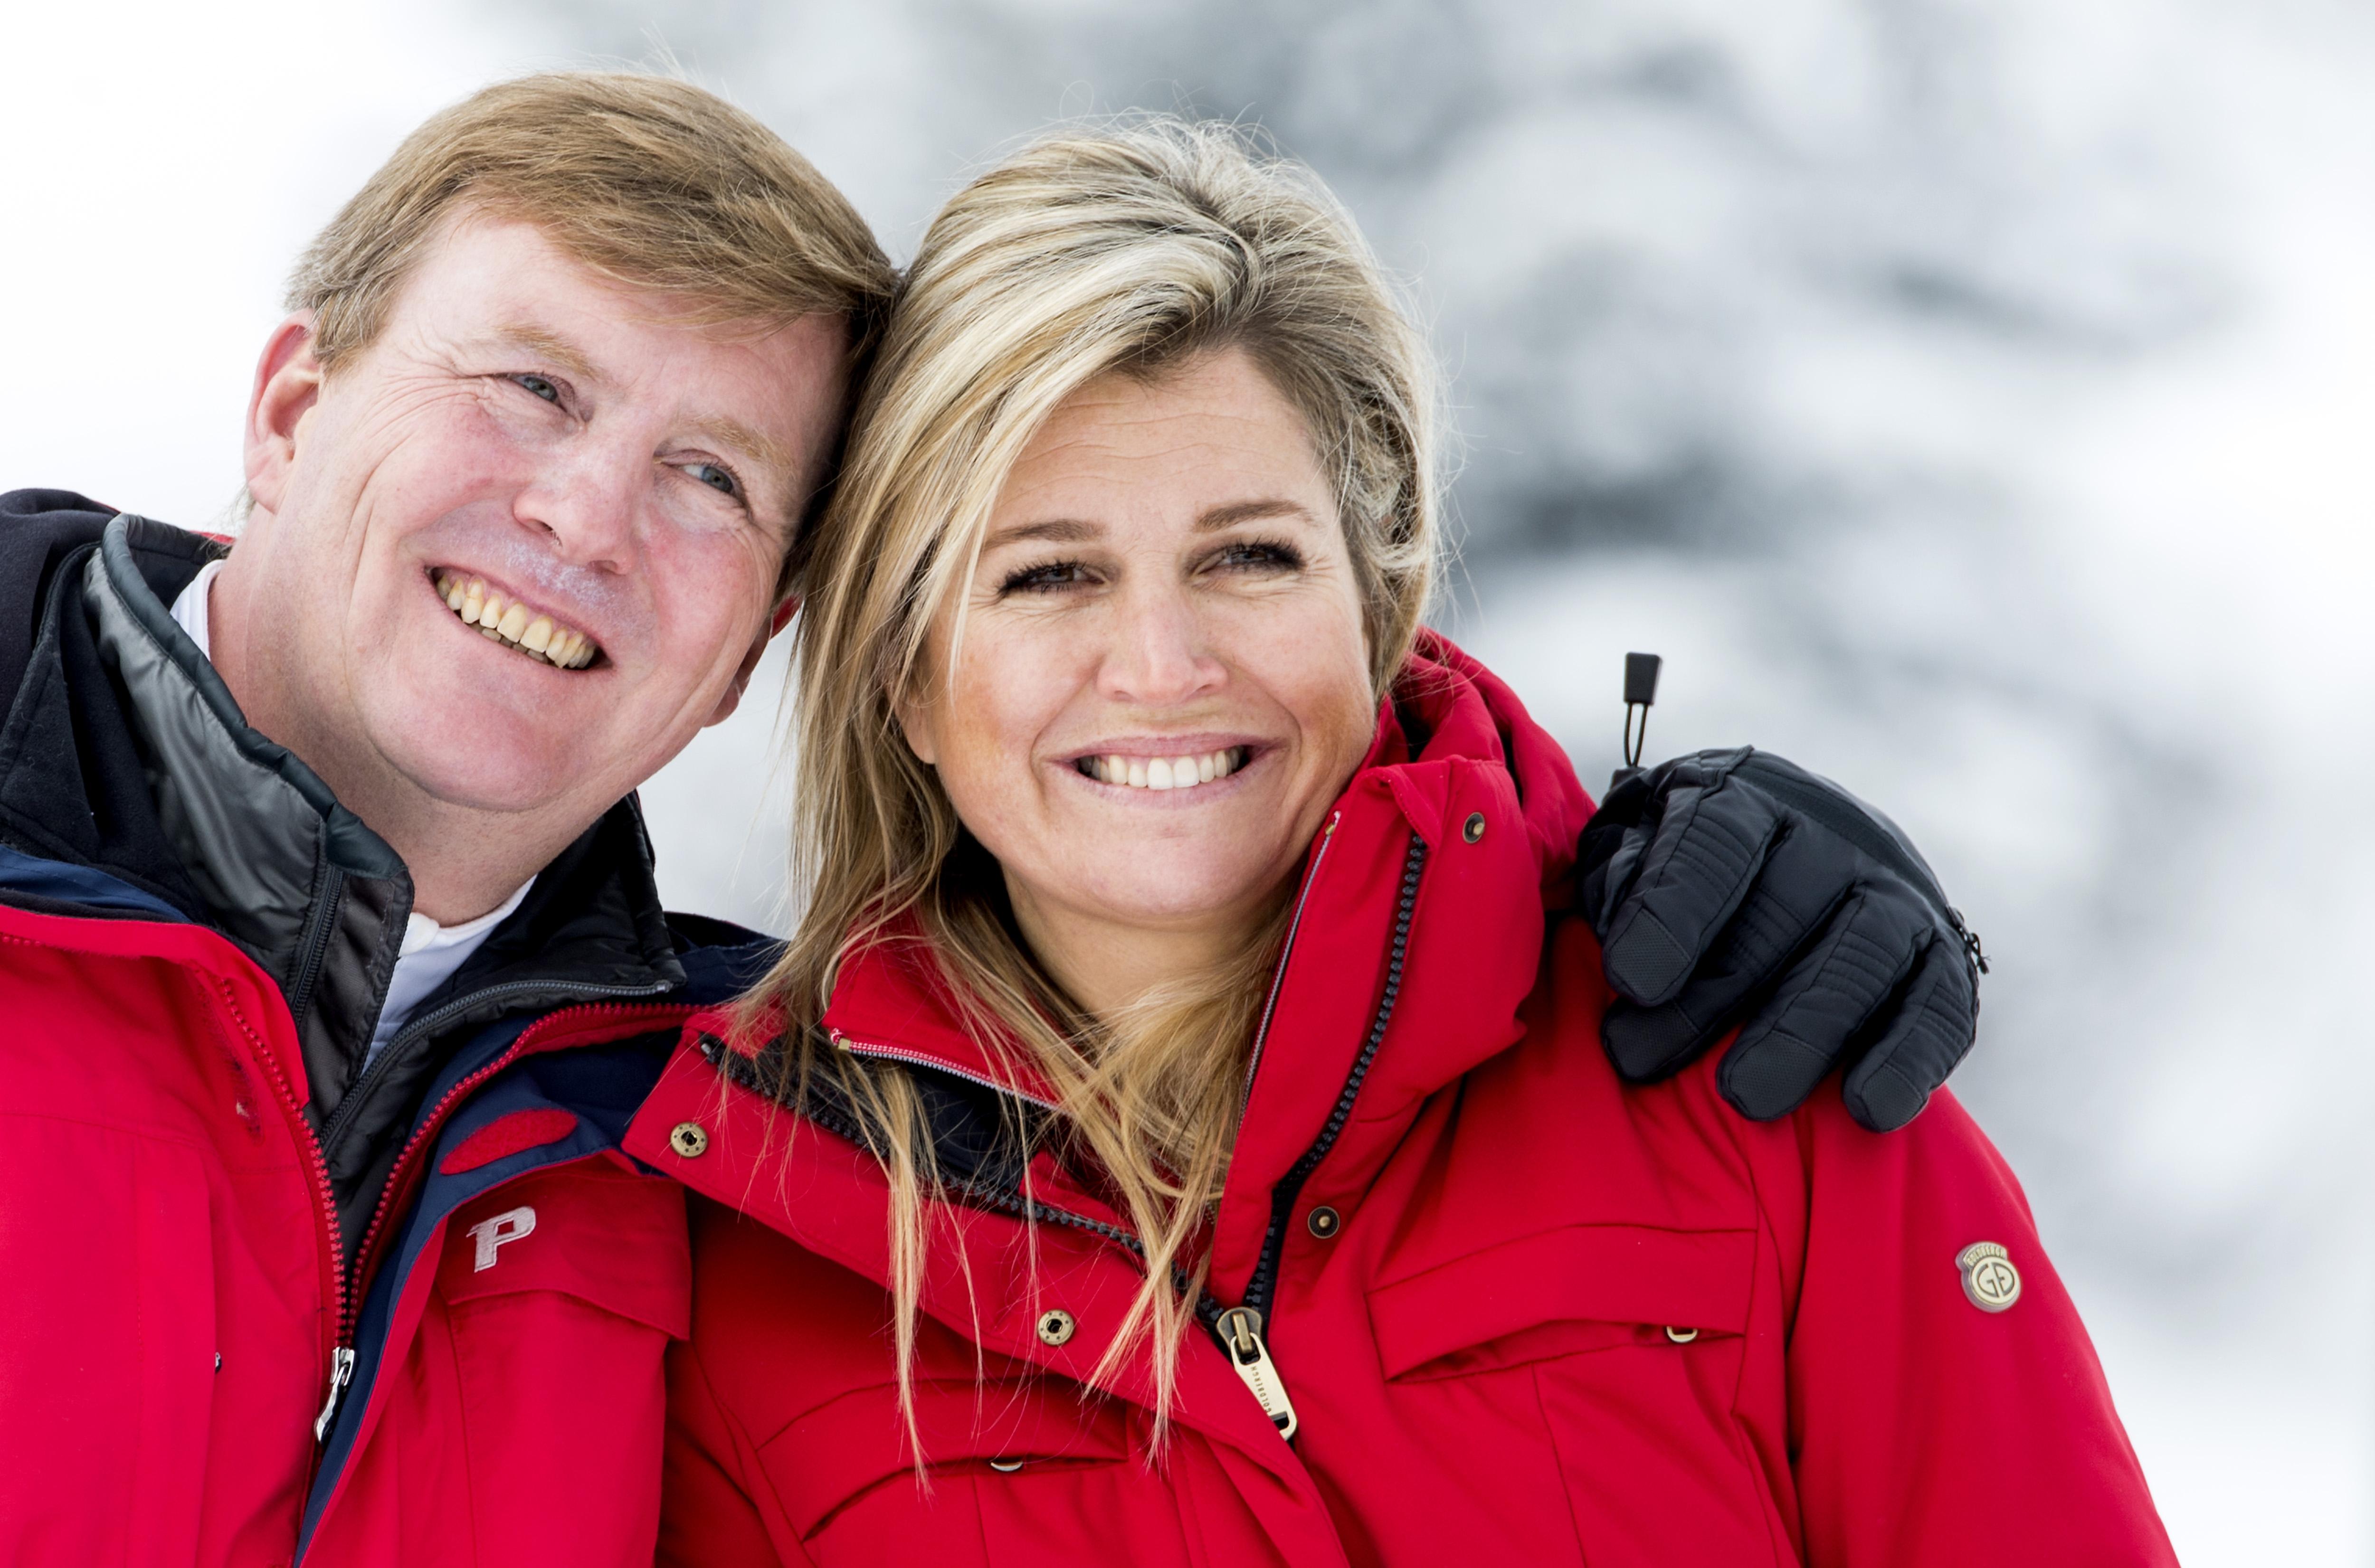 Wàt een mooi stel: Willem-Alexander en Máxima vieren vandaag hun 17e trouwdag